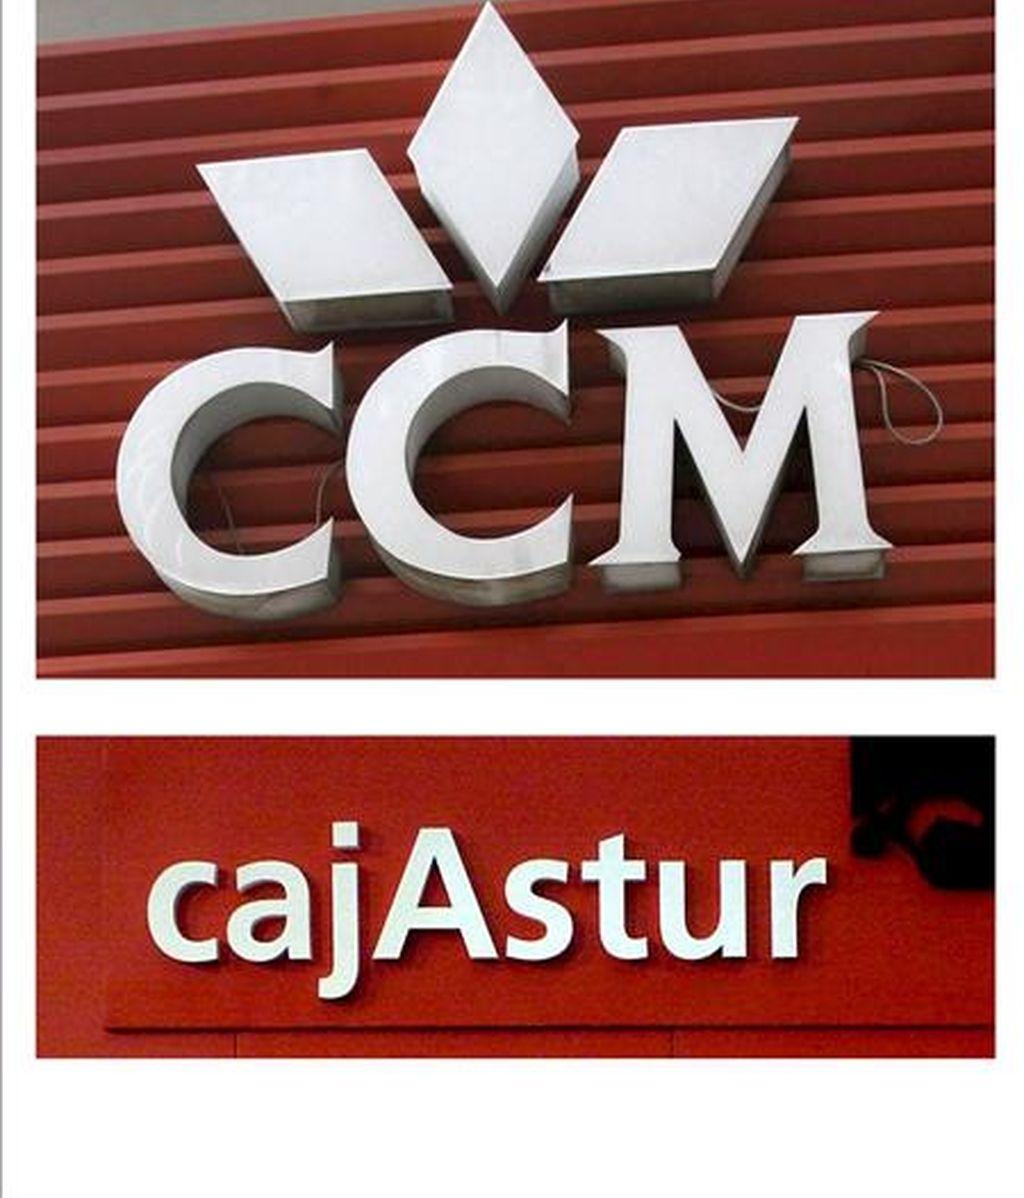 El proceso de integración del negocio bancario de Caja Castilla-La Mancha en el Grupo Cajastur se ha culminado con la firma de la escritura de segregación e integración y presentación al Registro Mercantil, ha informado la entidad. EFE/Archivo